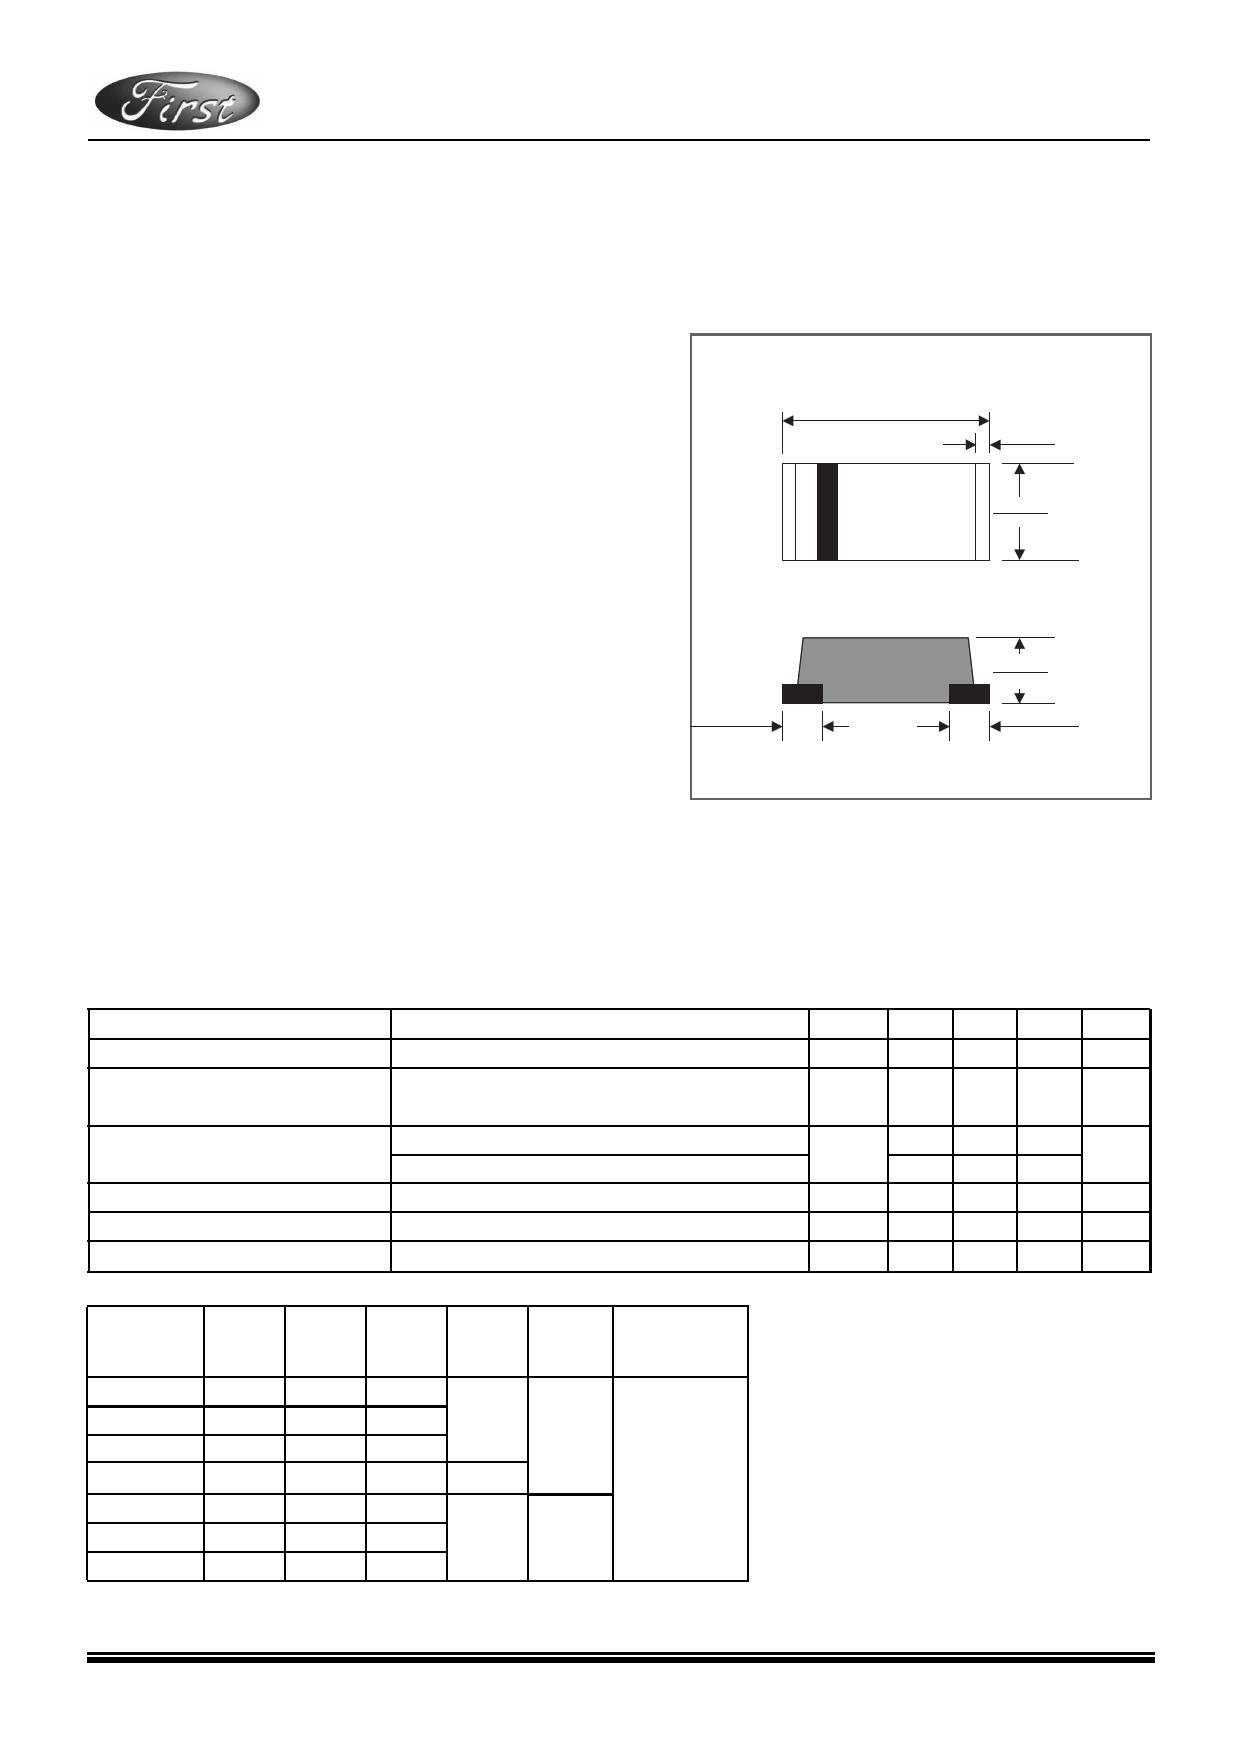 MURA330G Datasheet